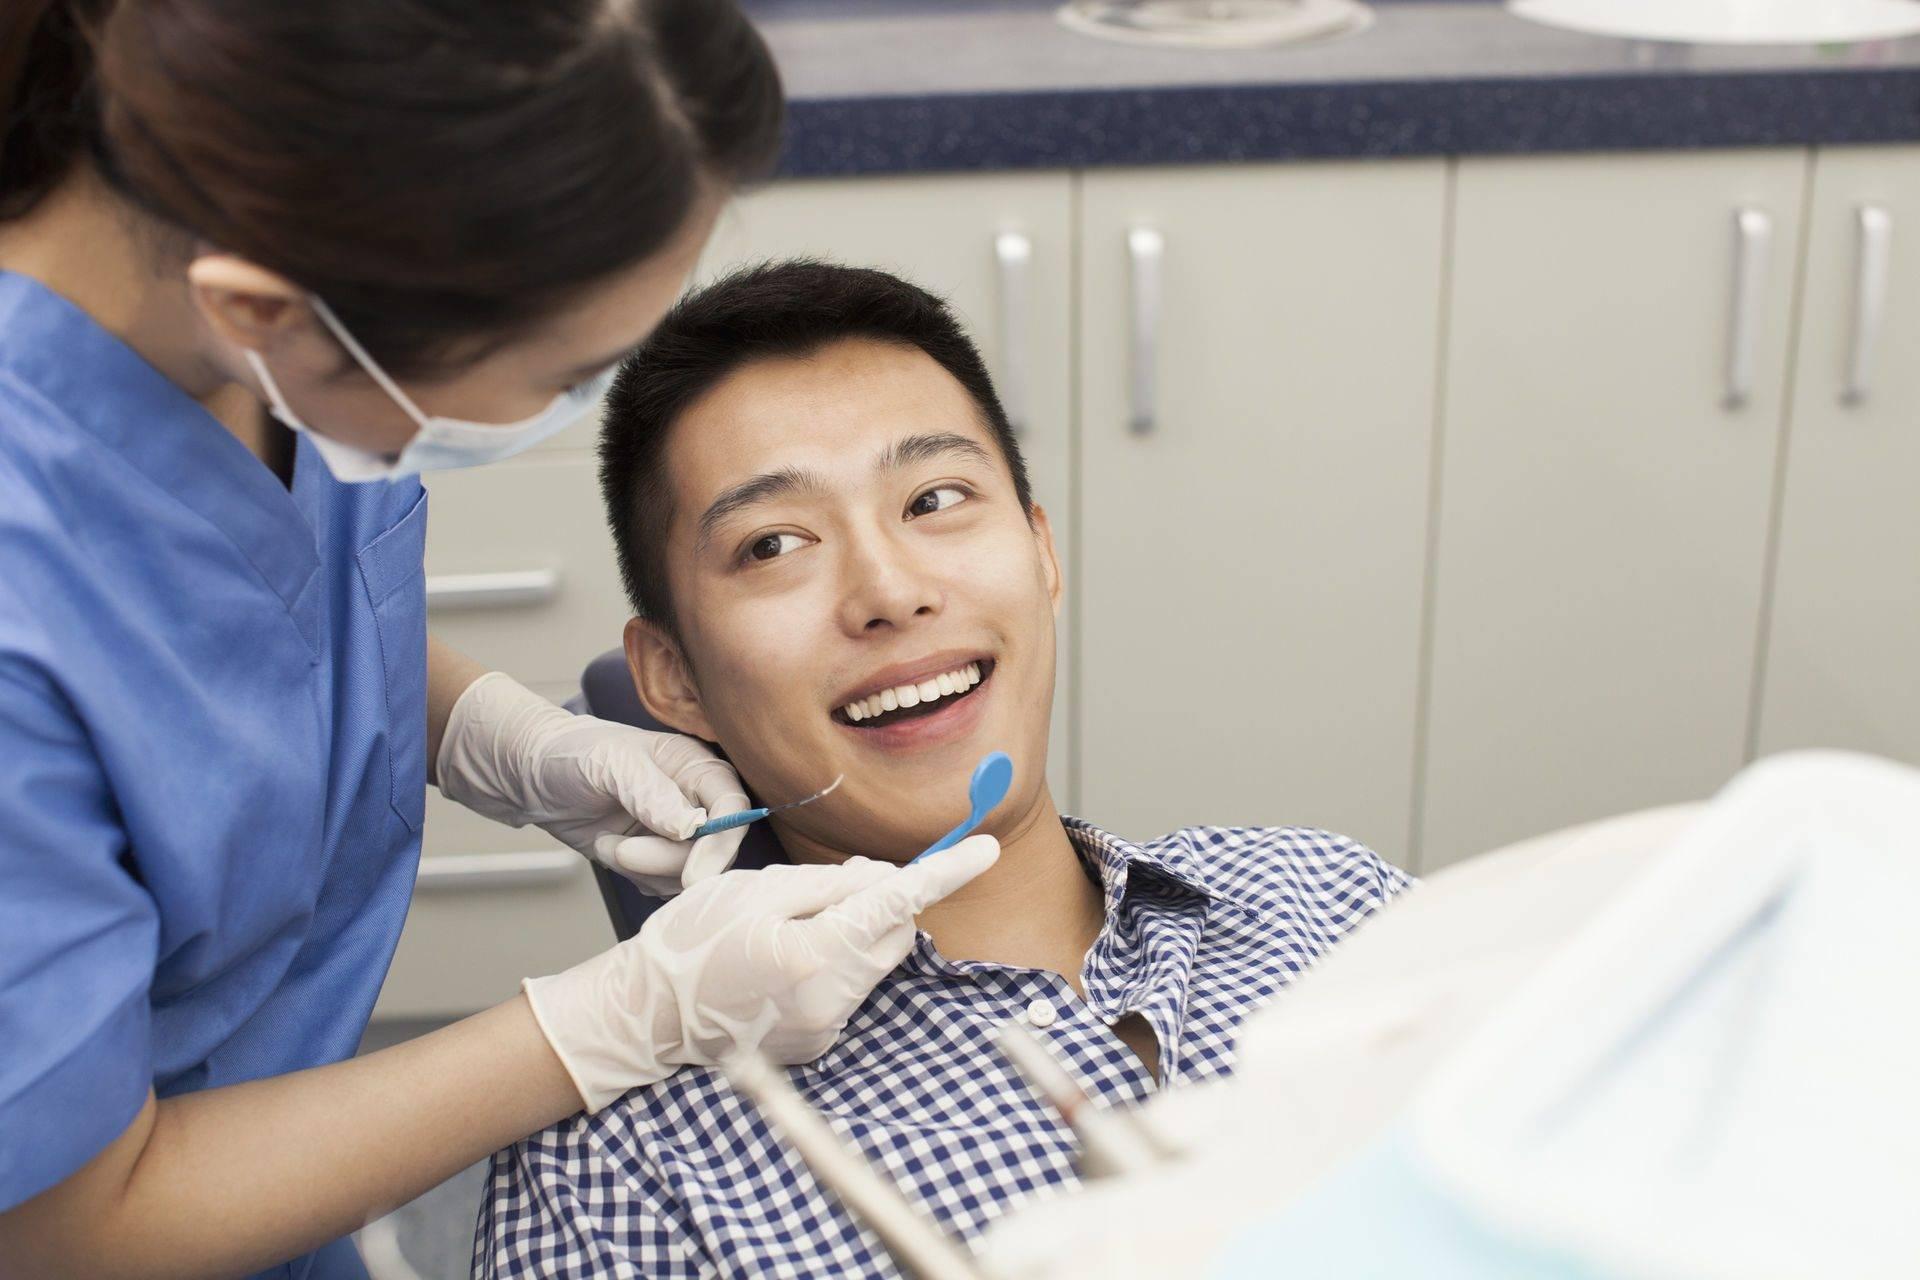 Протезирование зубов в китае: цены, отзывы, клиники зубопротезирования